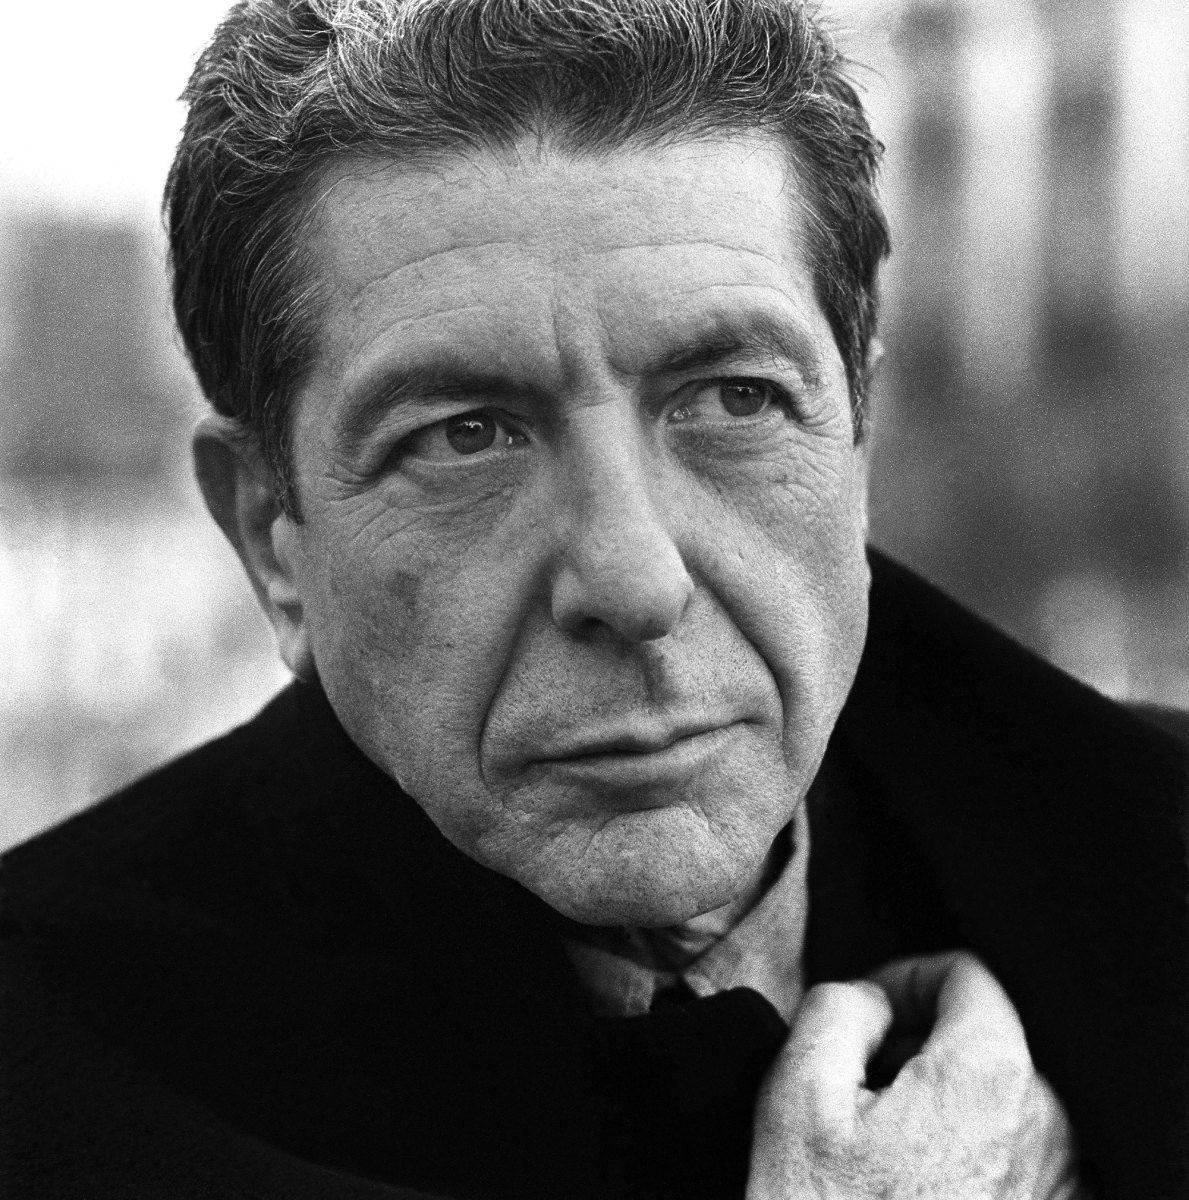 Discurso de Leonard Cohen al recibir el Premio Príncipe de Asturias de las Letras el 21 de octubre de 2011